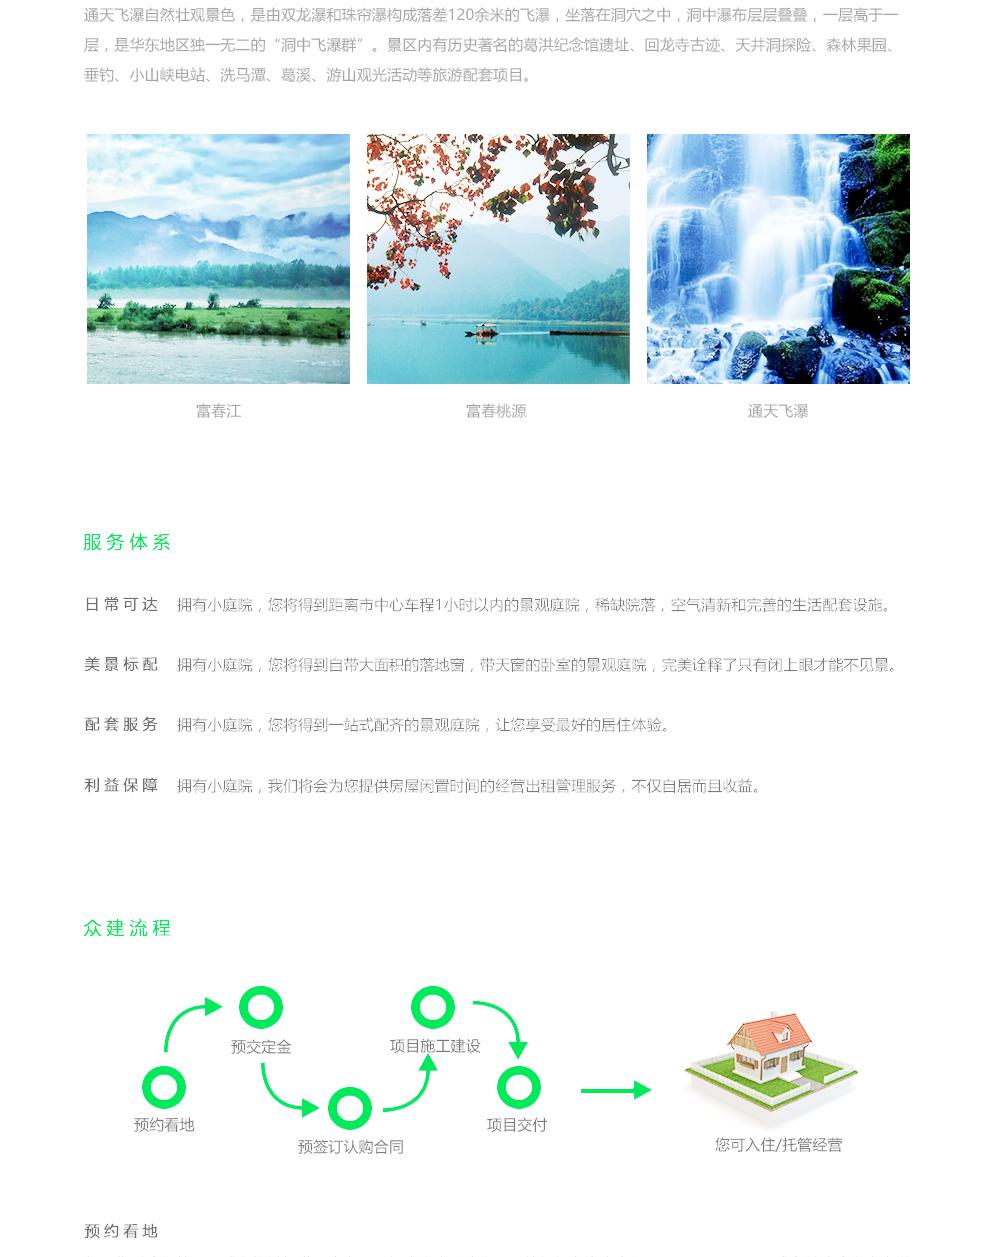 瑙�浜���璇���椤�_04